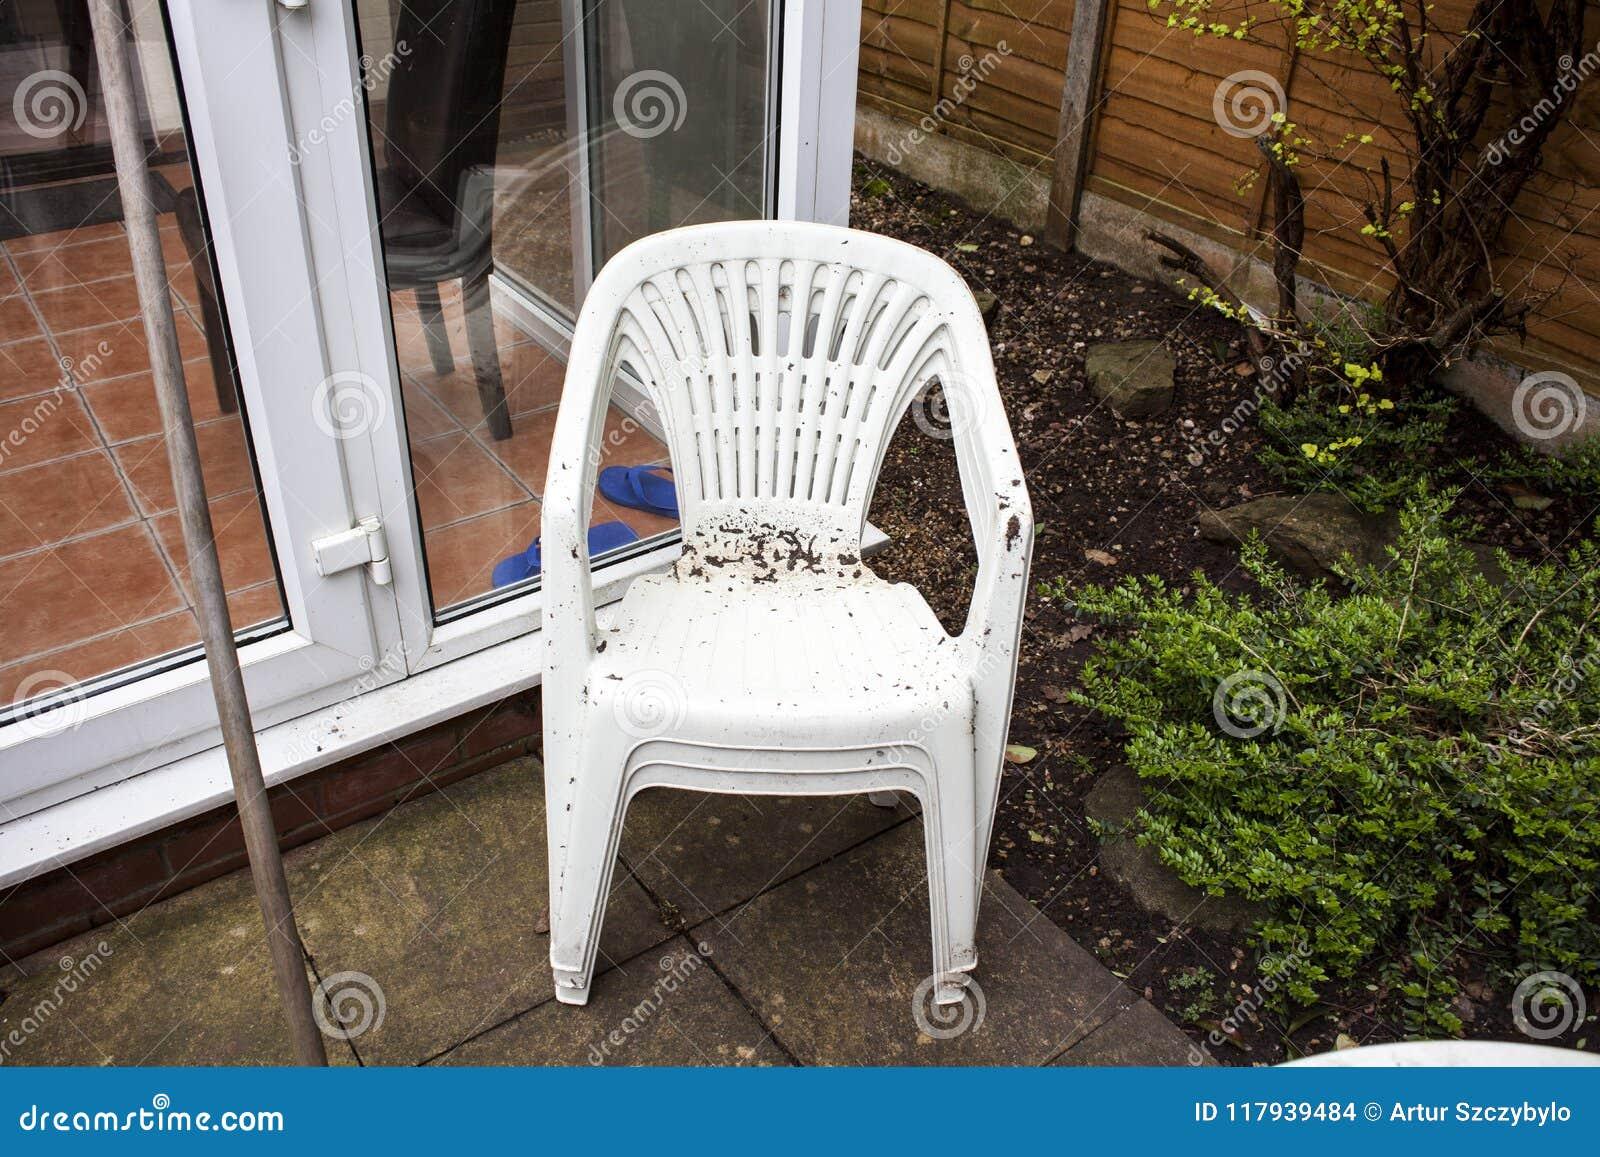 Sedie Di Plastica Usate : Sedie di plastica del giardino sporco pronte per pulire